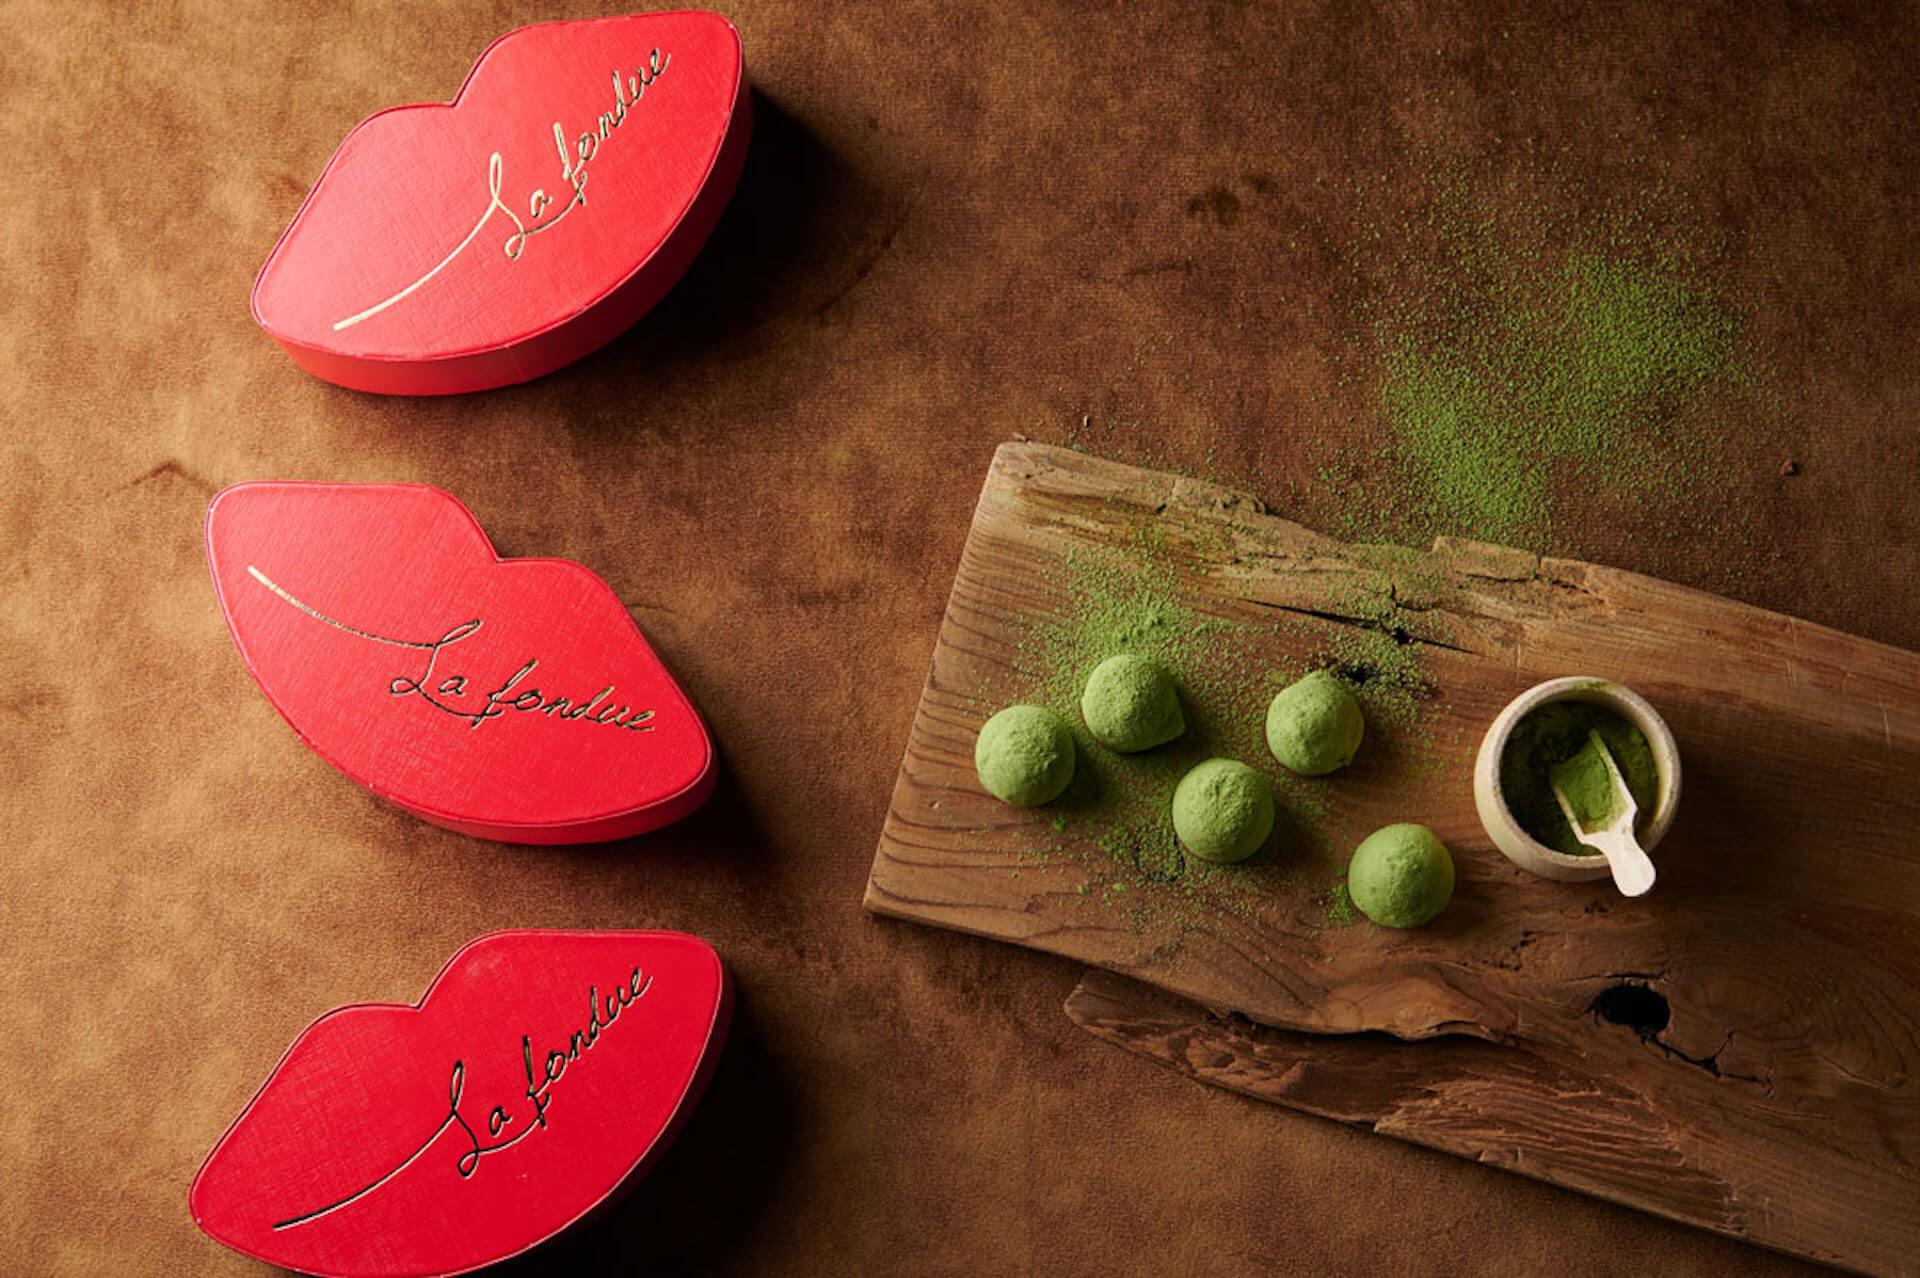 """唇だけで溶けてしまう""""噛まない""""生チョコレート『ラ・フォンデュ』がバレンタインシーズン限定で発売! gourmet210126_rafondue_5"""